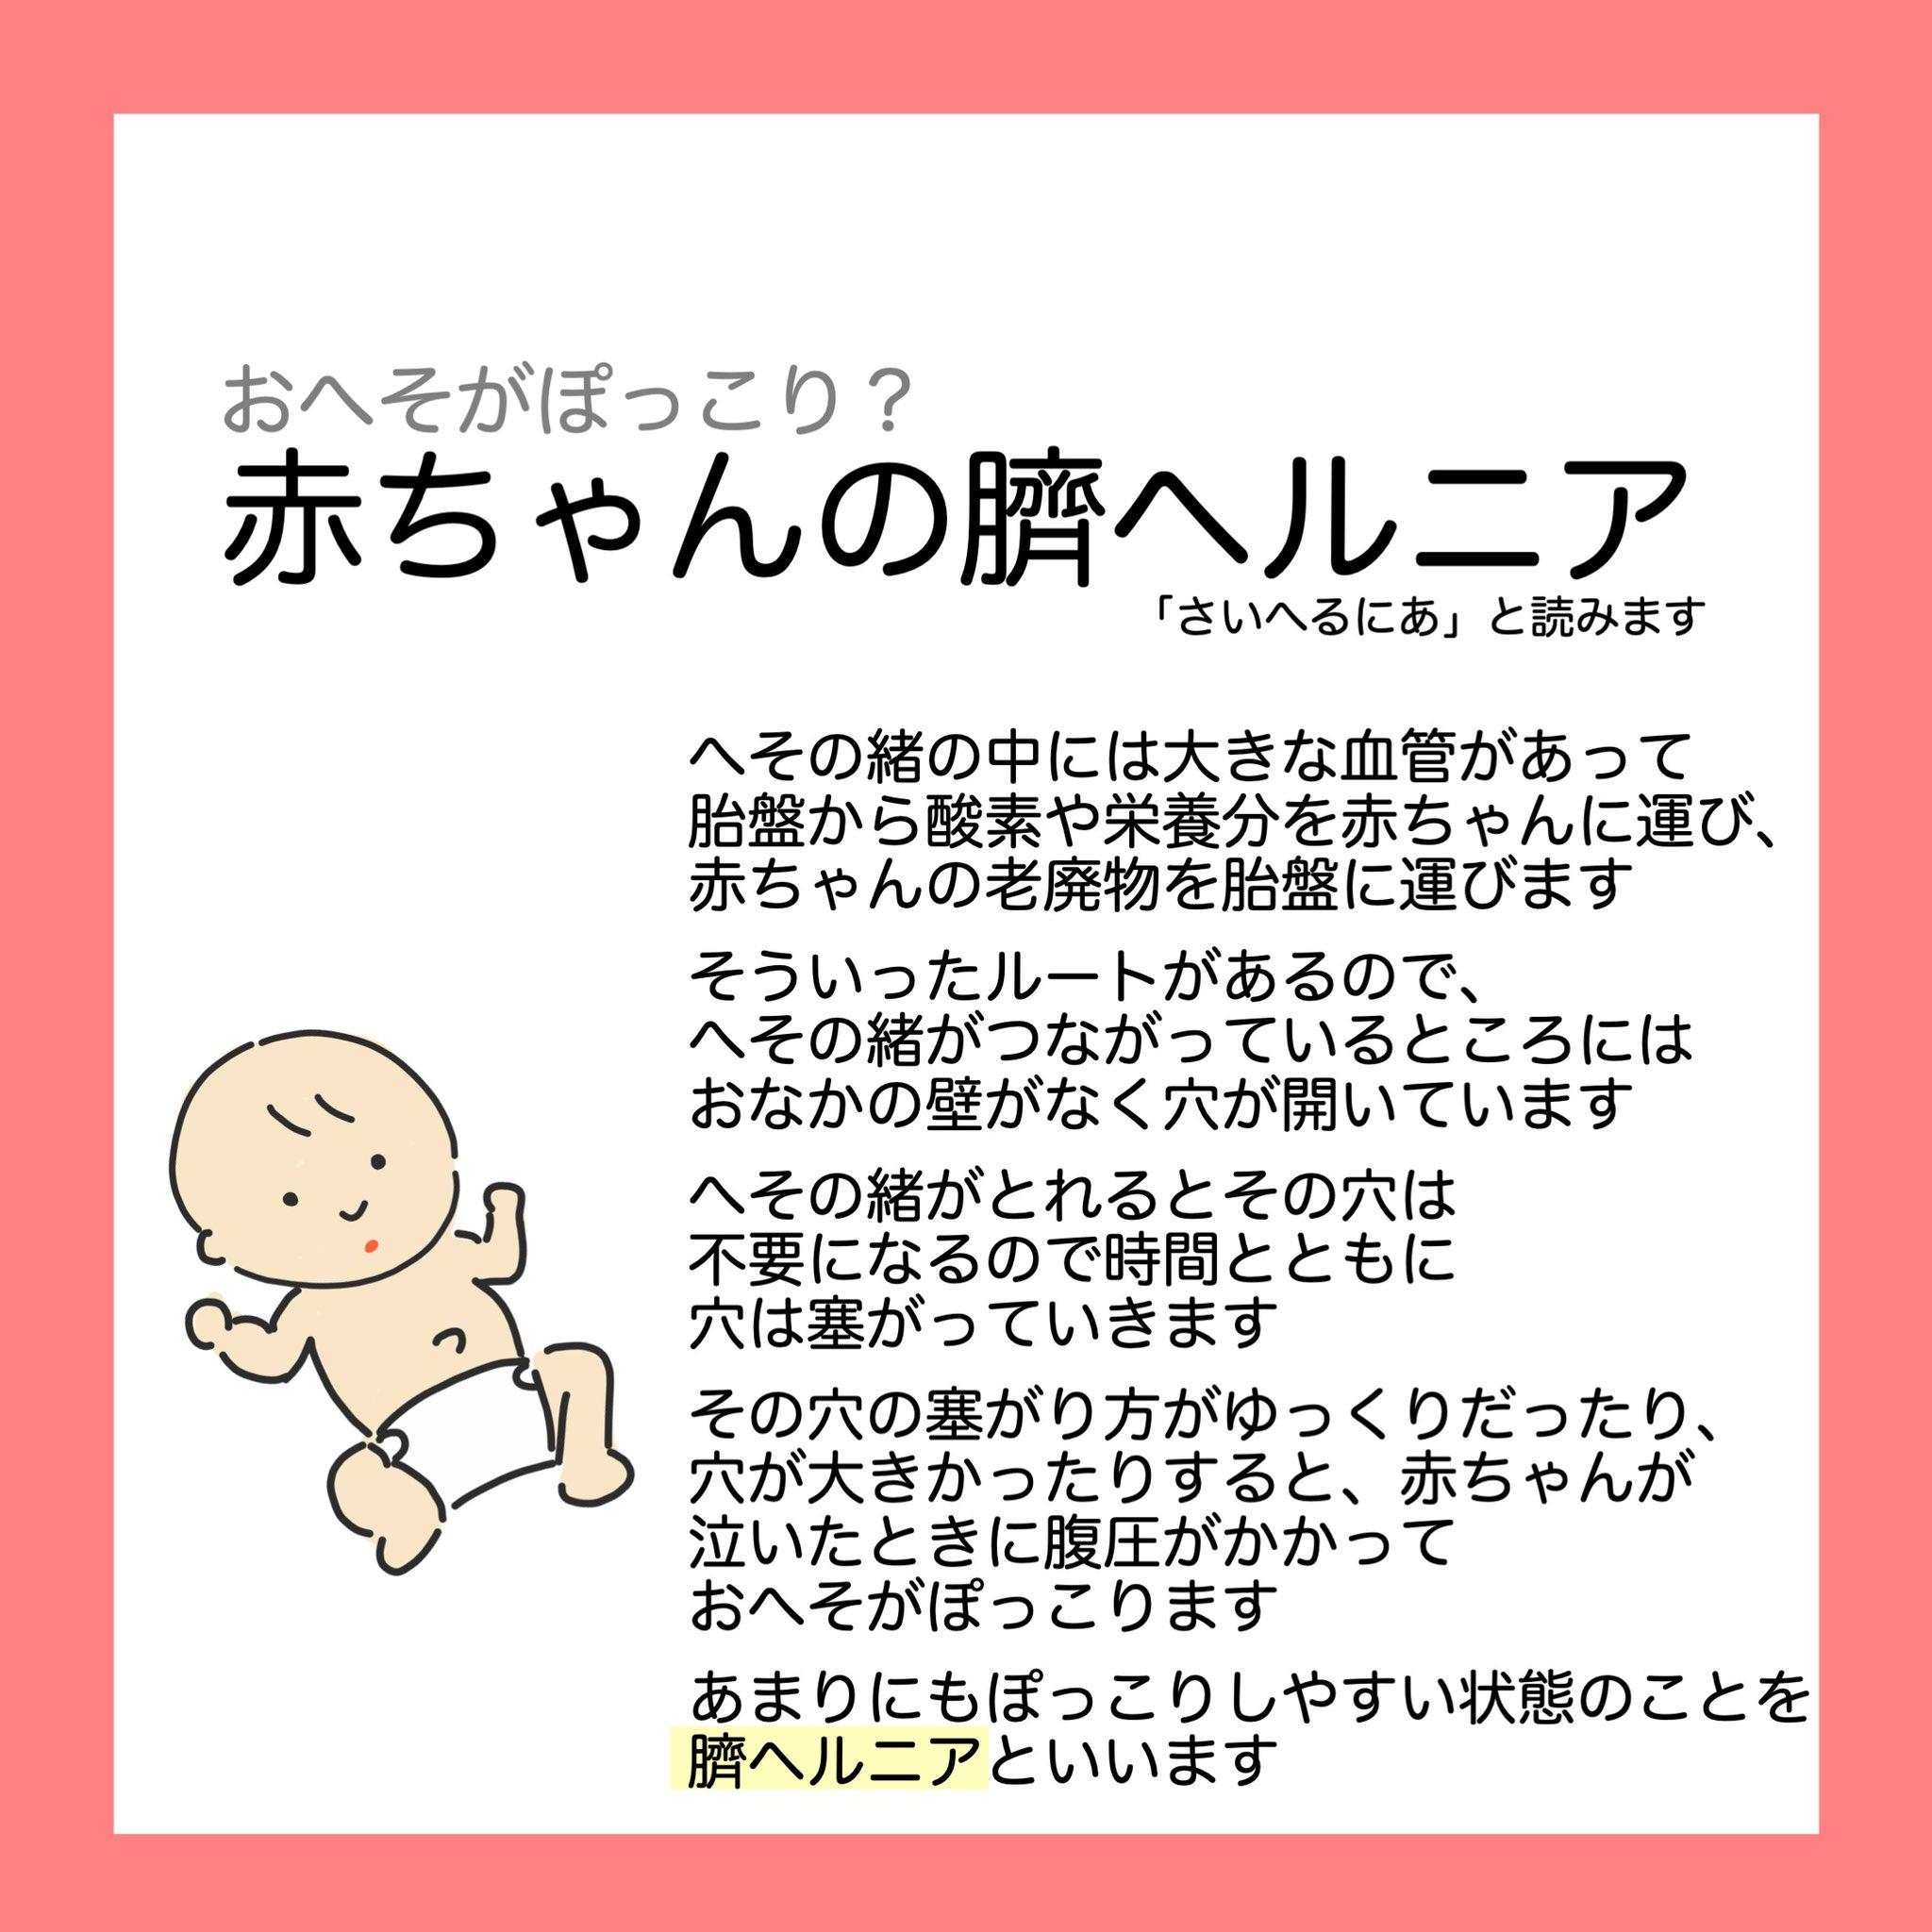 ヘルニア 赤ちゃん 臍